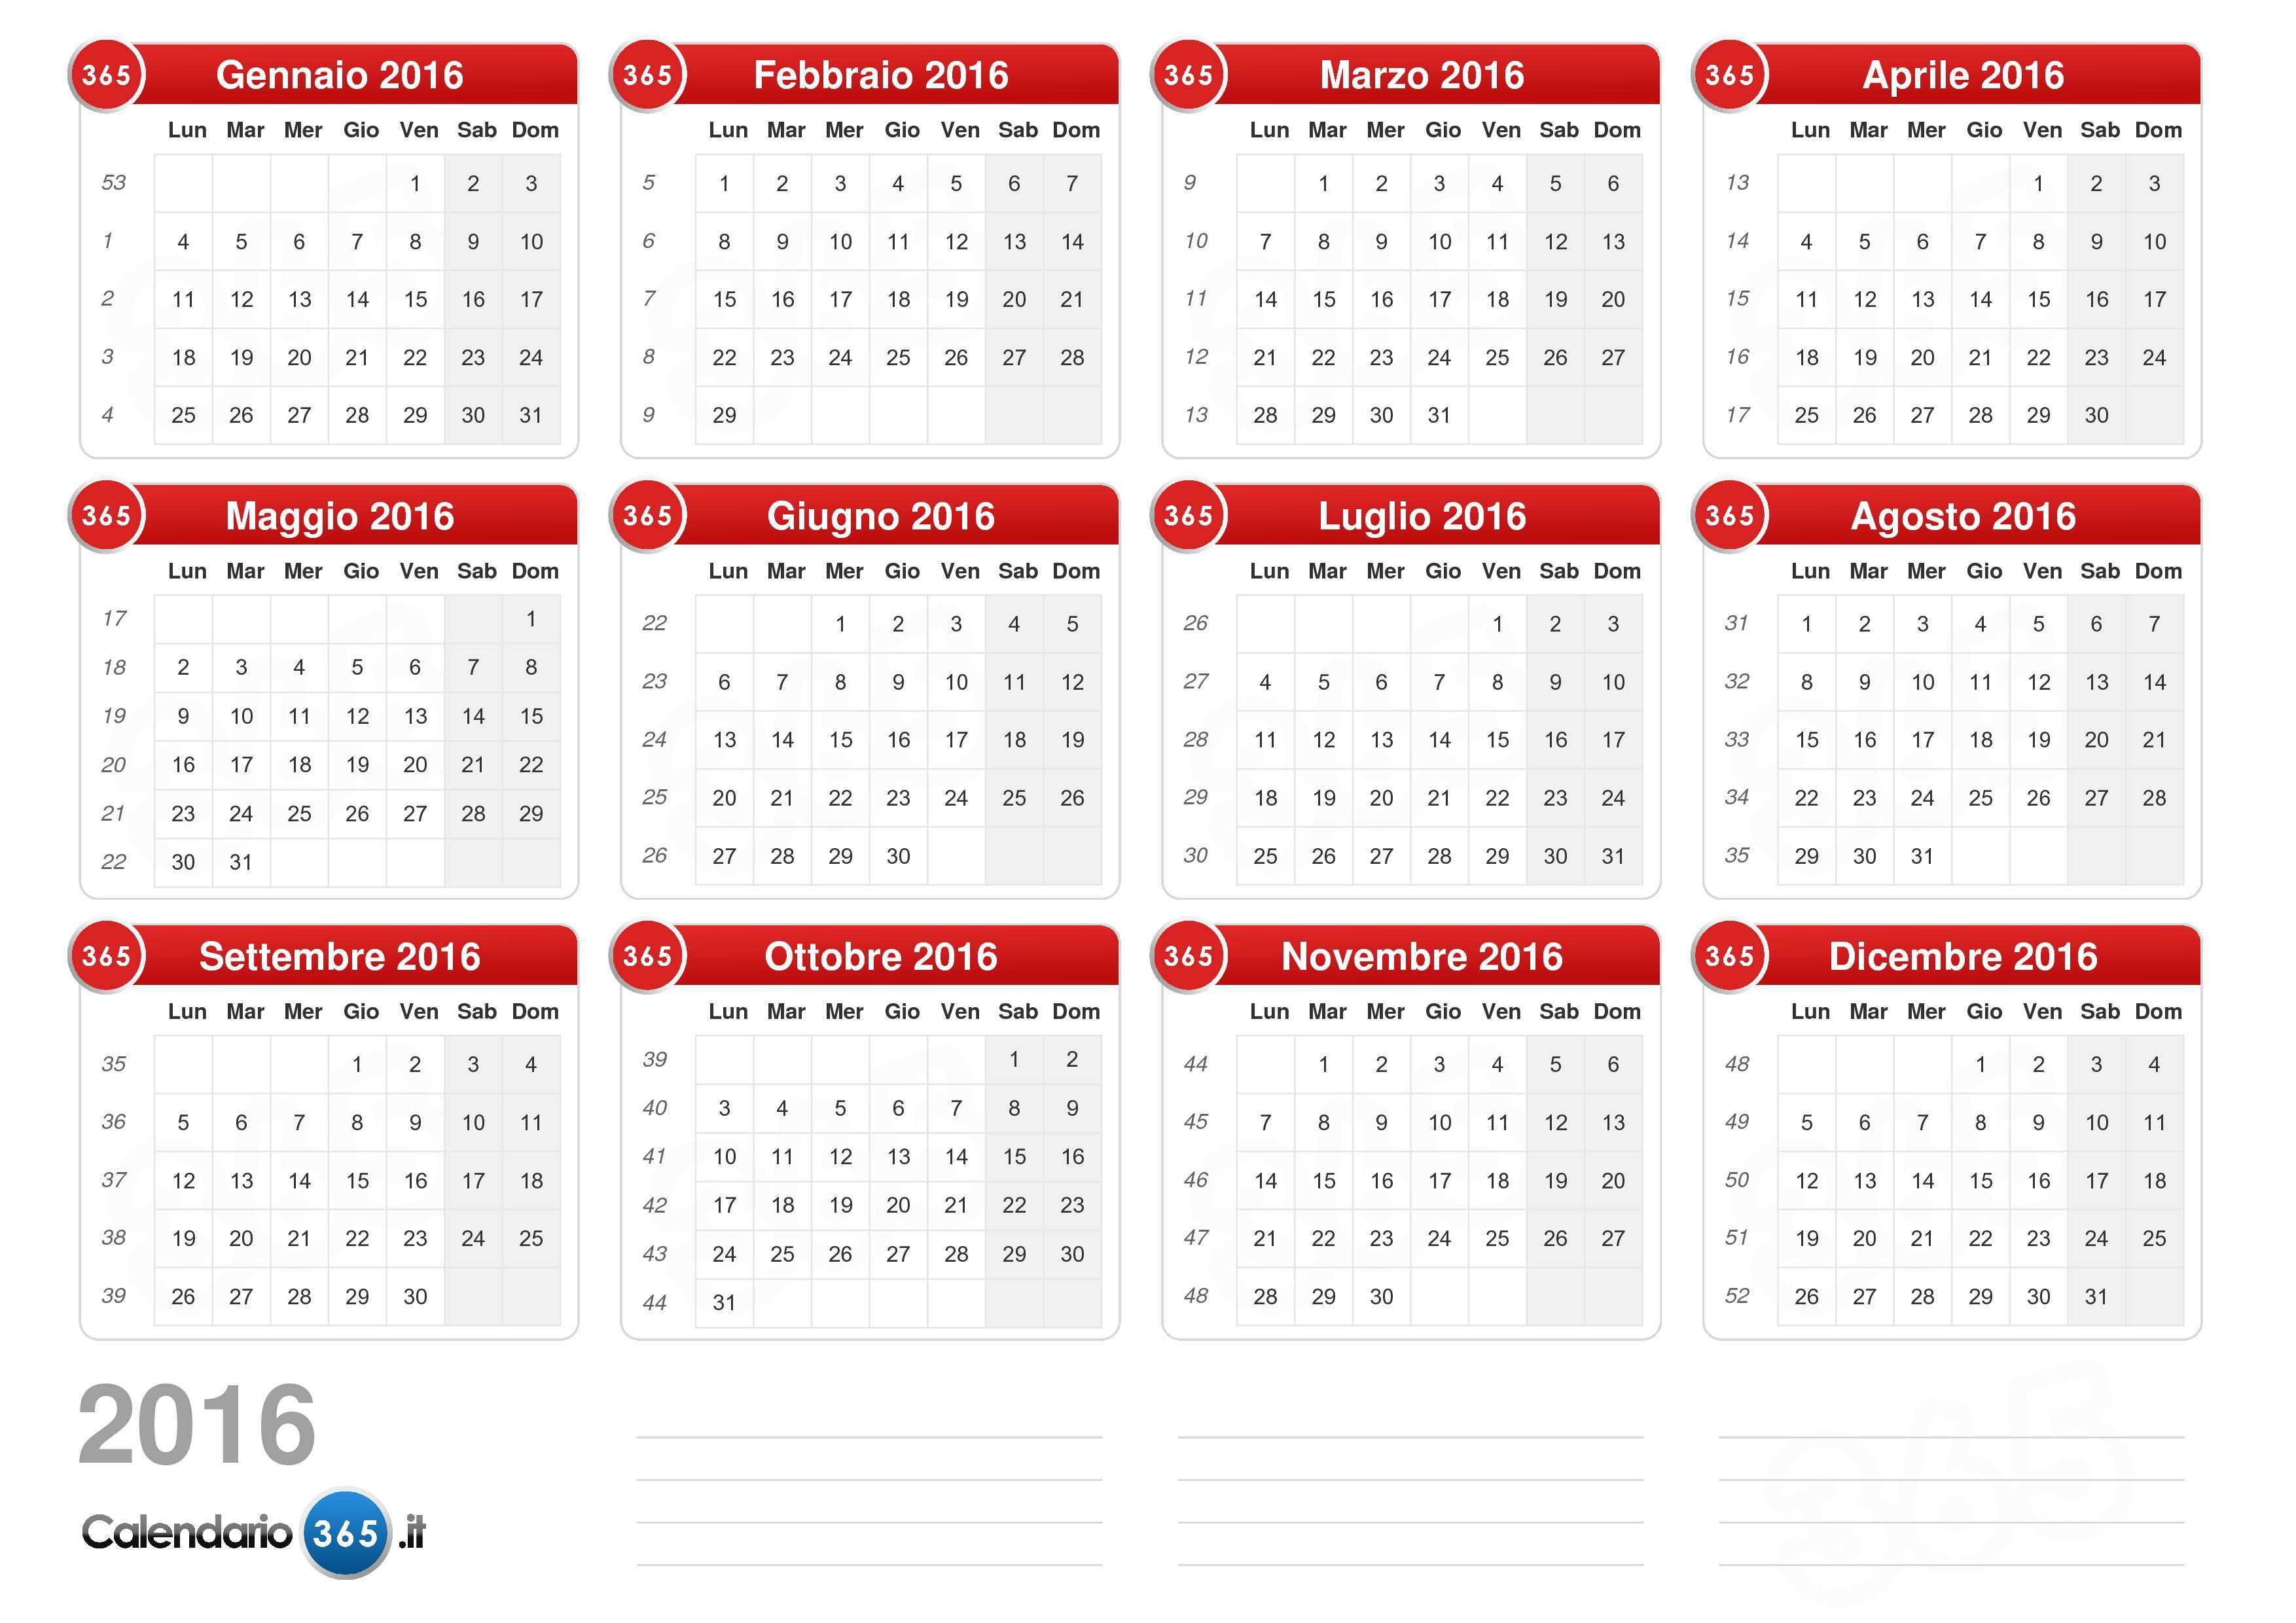 Calendario Giornaliero Con Frasi.Calendario 2016